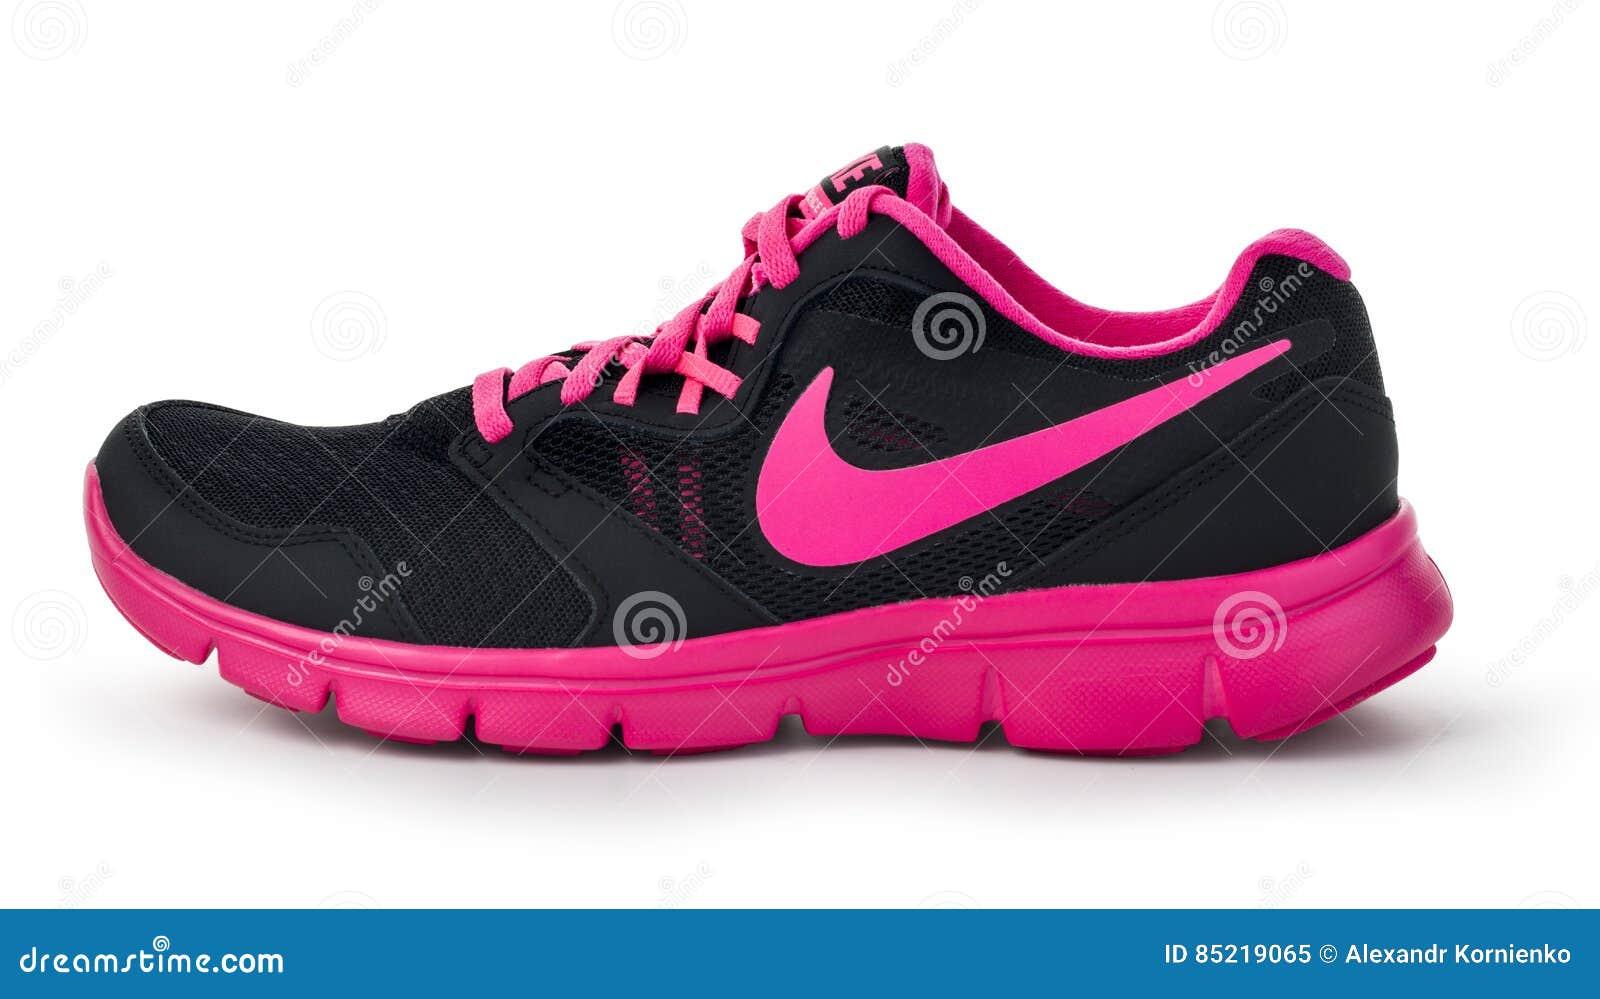 bas prix 4631a 5bb8a S - Chaussures De Course De Dame De Nike Du ` S De Femmes ...